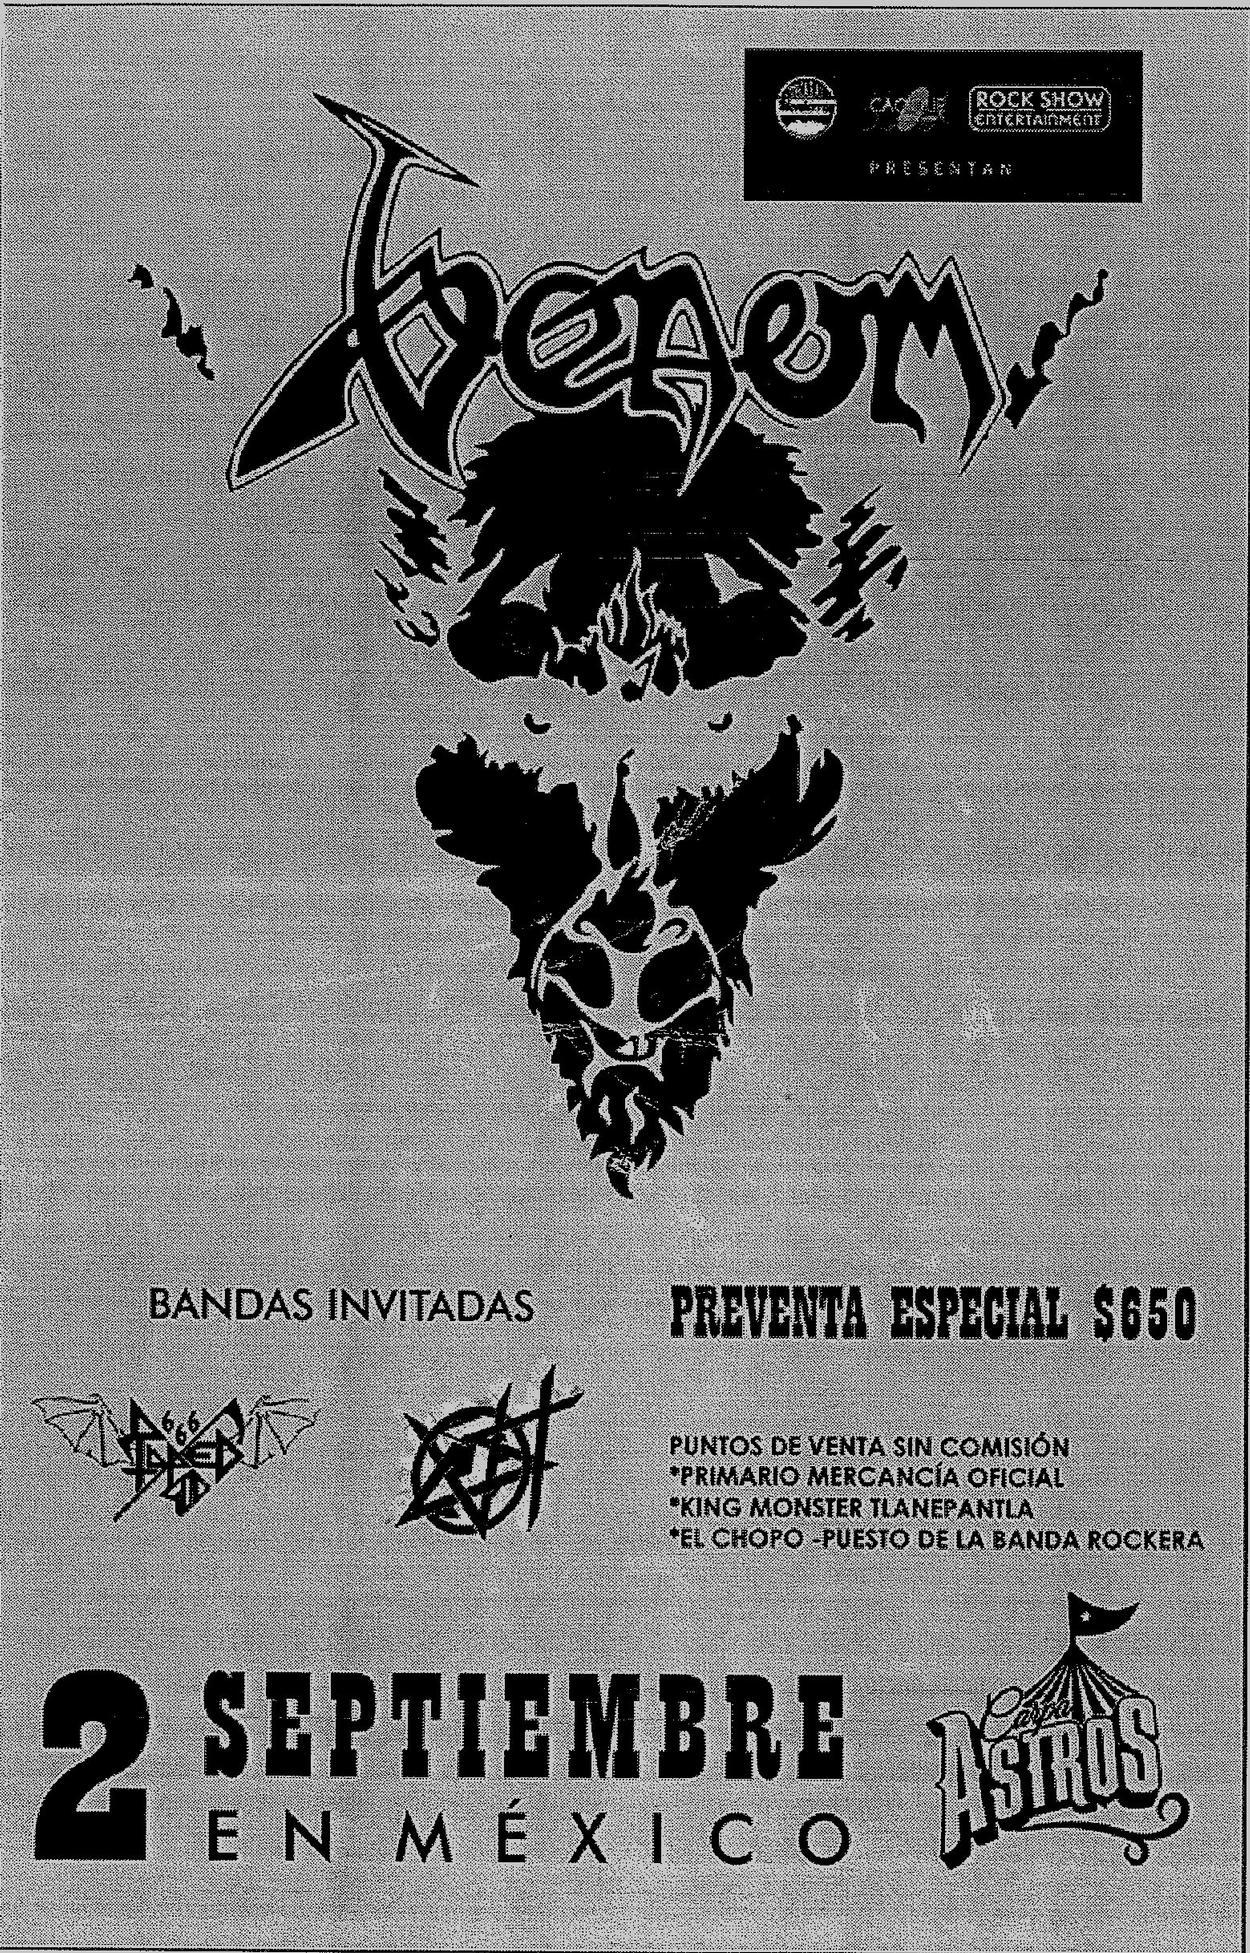 venom black metal flyer mexico 2016